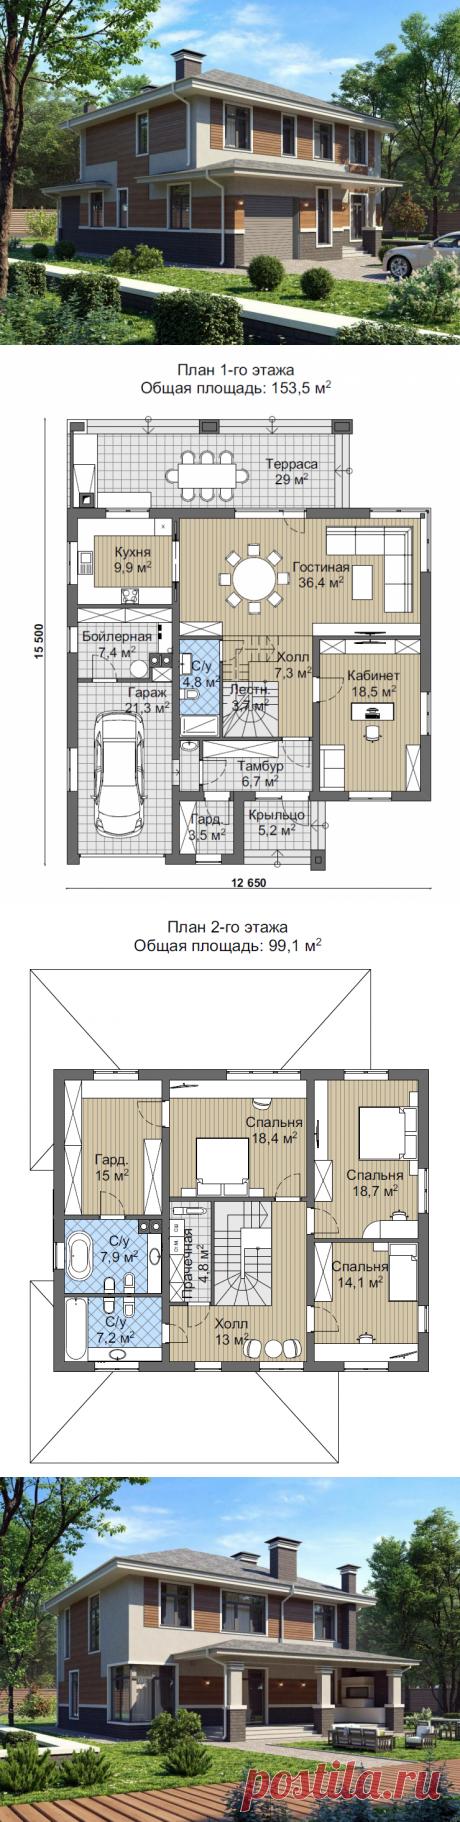 Проект двухэтажного коттеджа с тремя спальнями | Proekty.ru | Яндекс Дзен